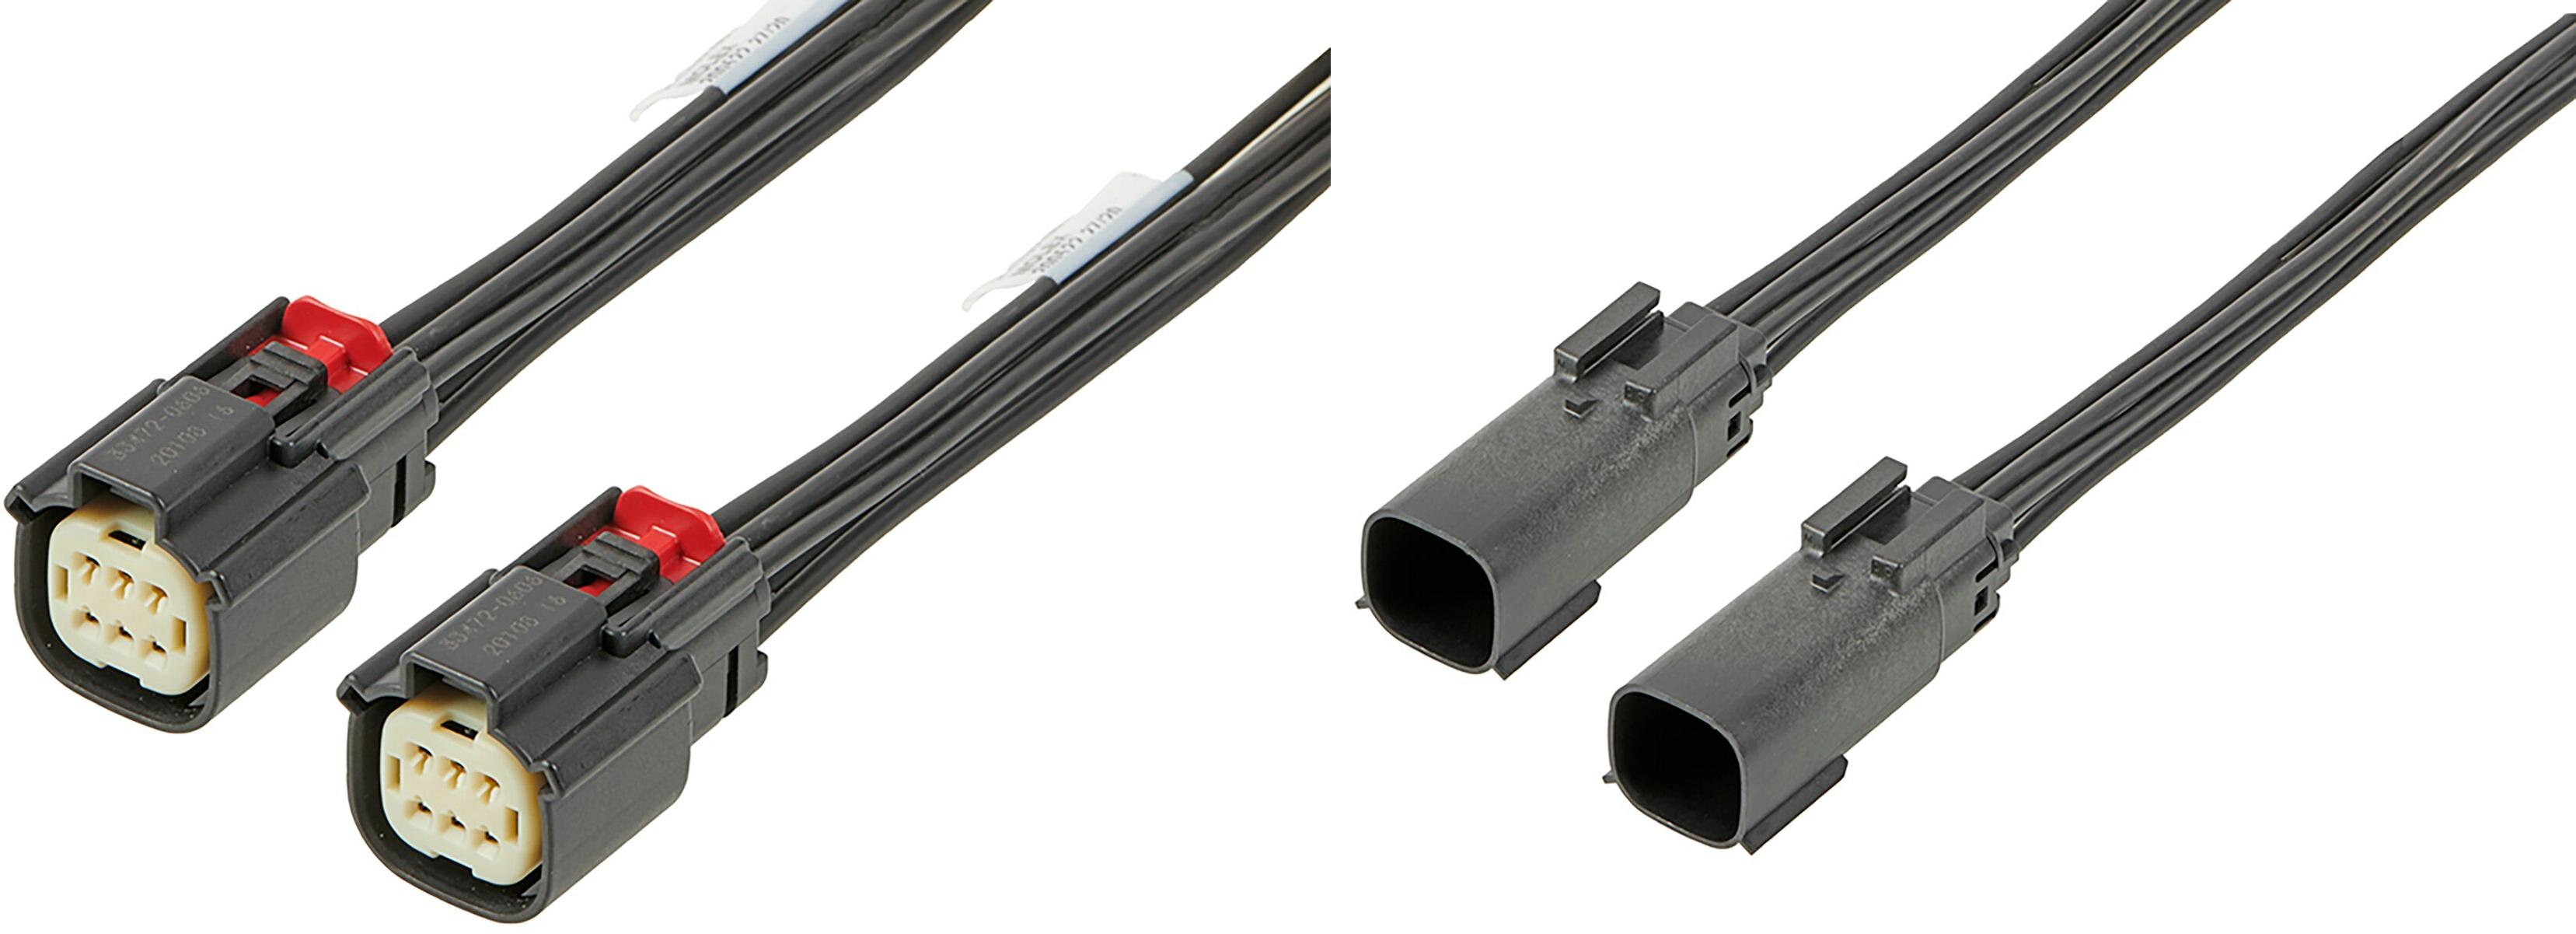 車載エレクトロニクス用途向けOTS MX150防水ケーブルアセンブリを発表